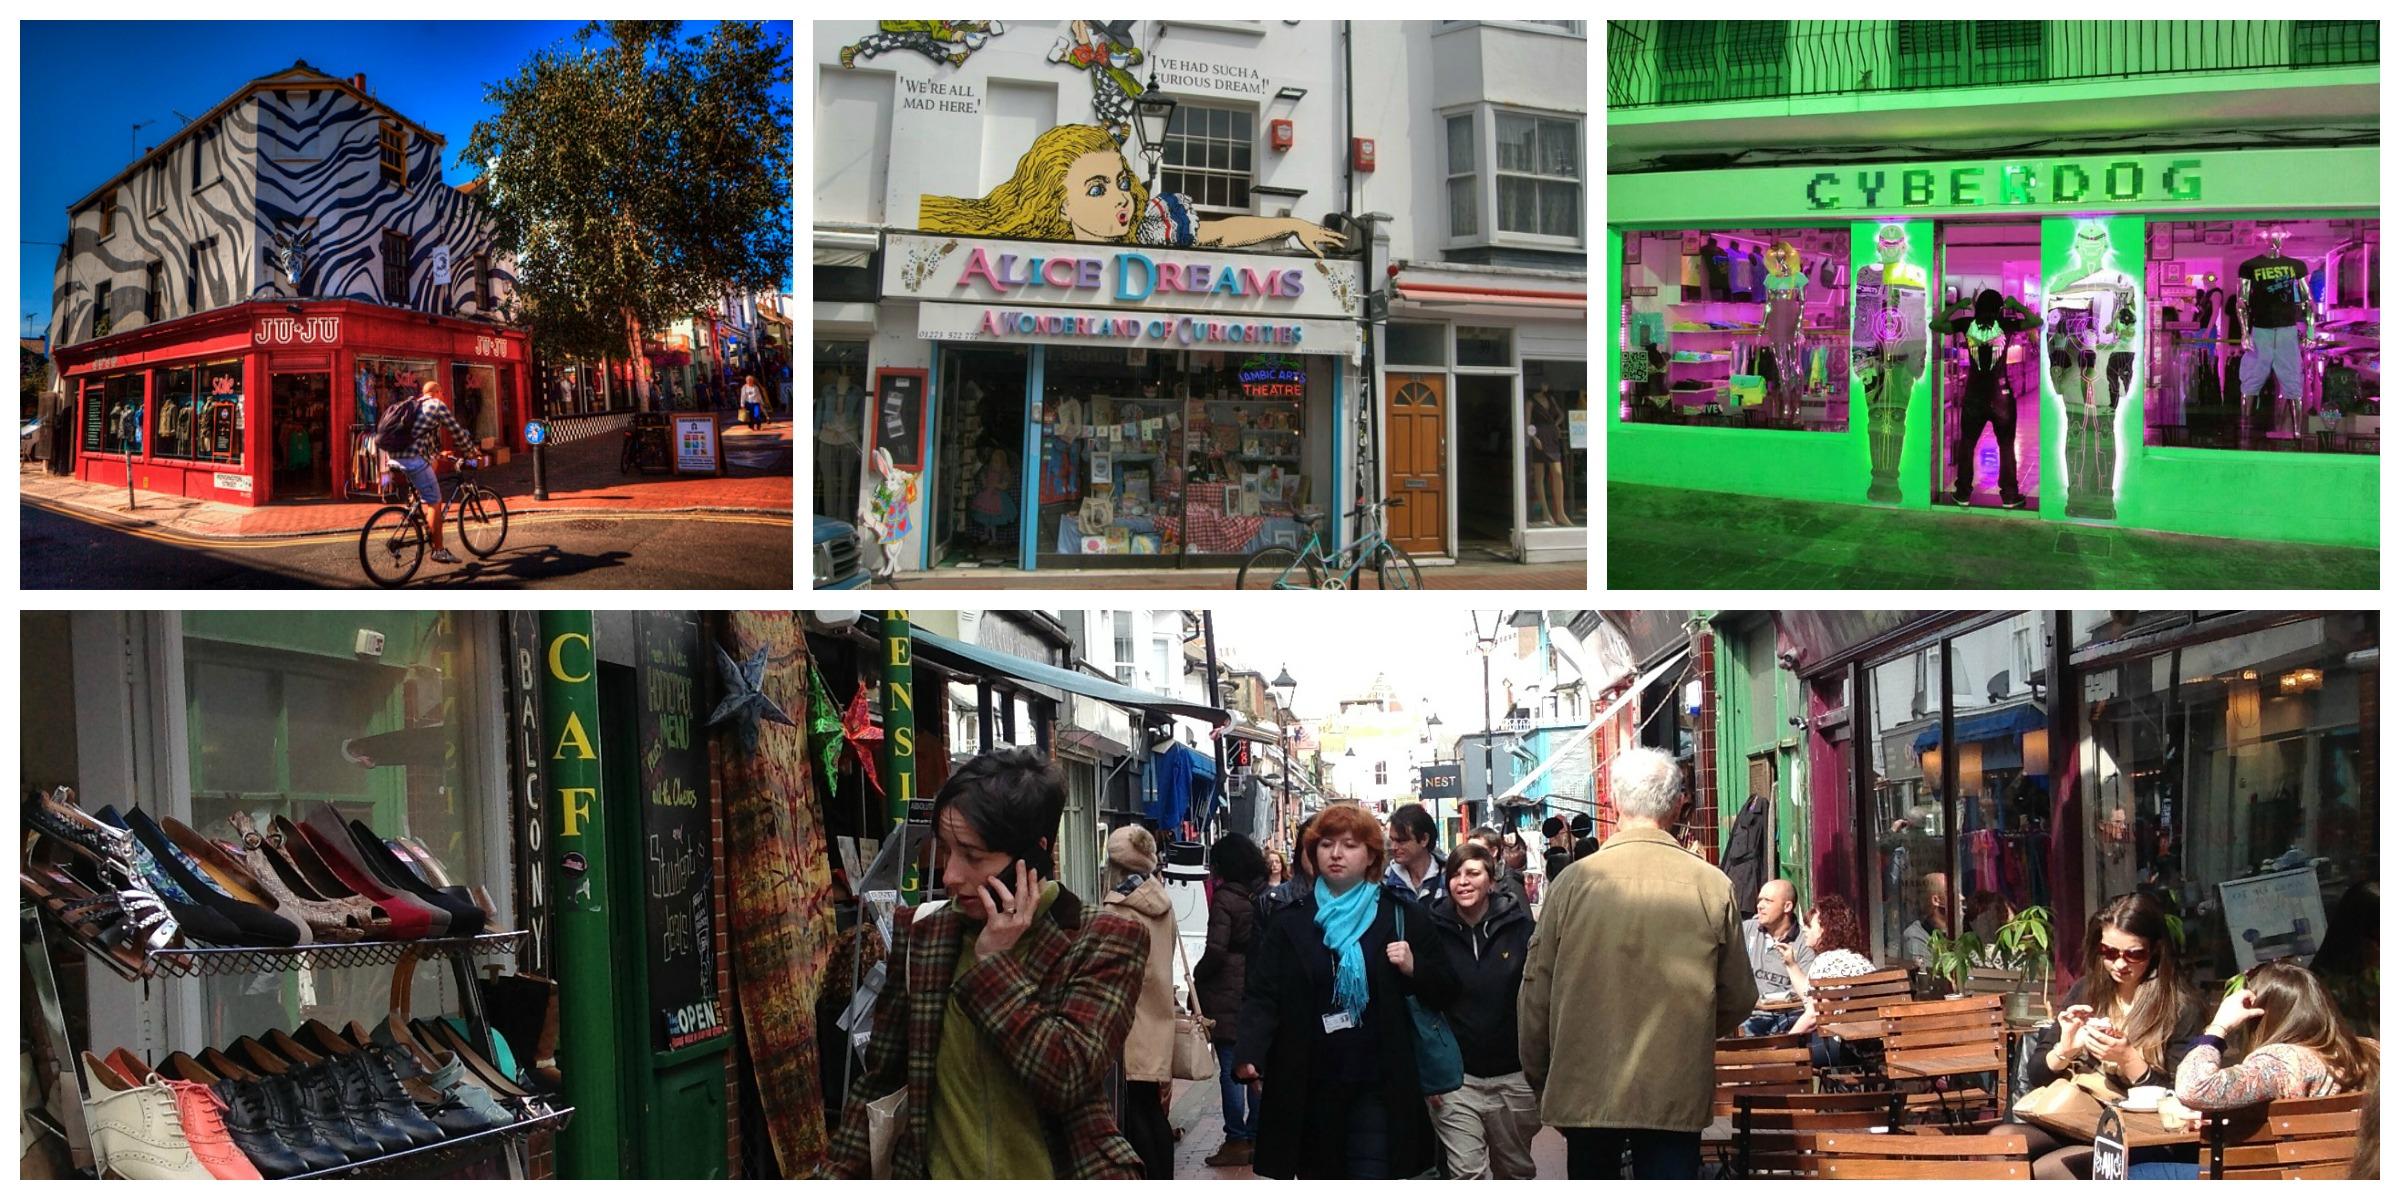 The Laines Brighton